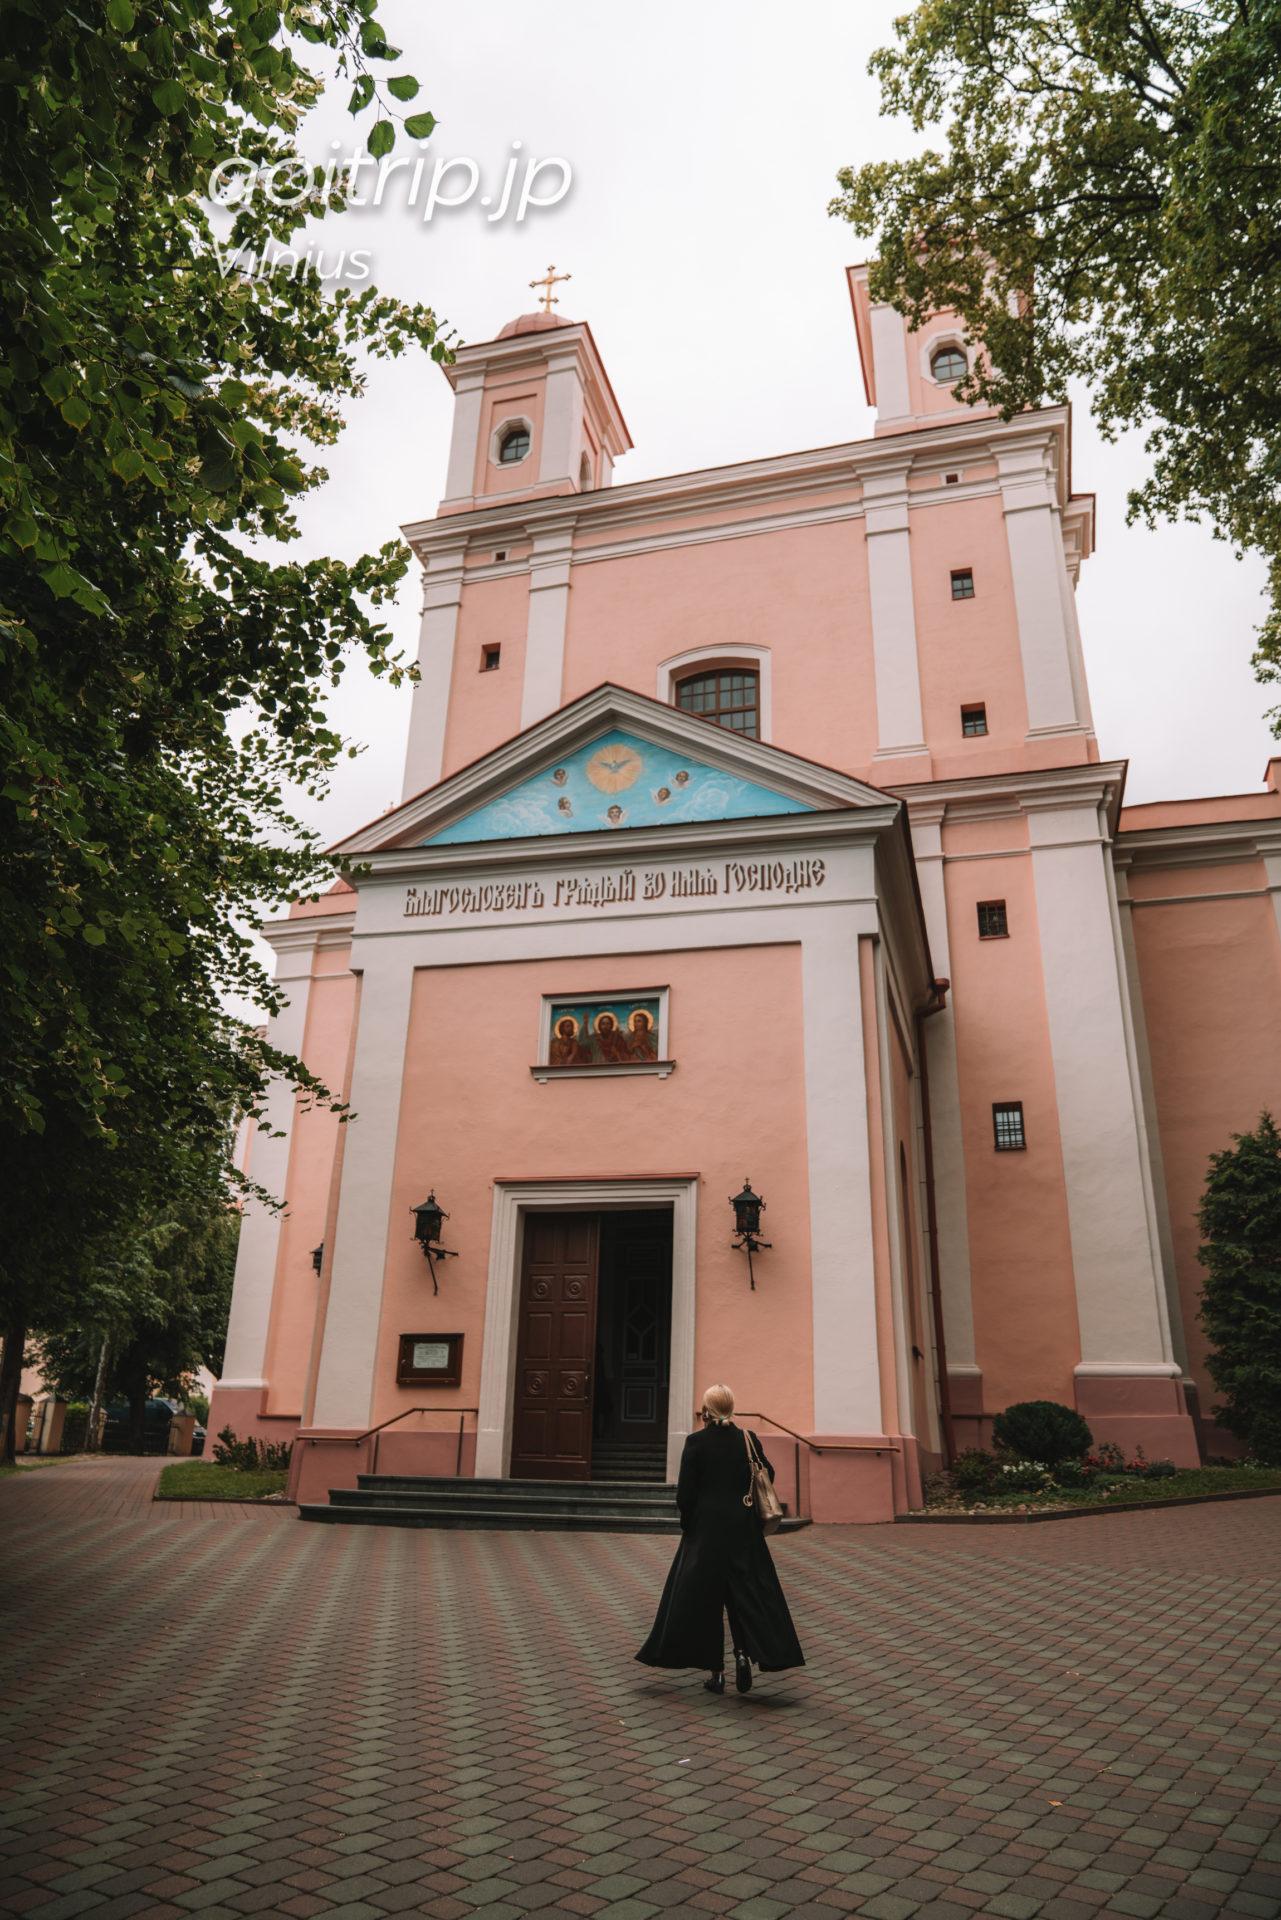 リトアニアのヴィリニュスの聖霊教会